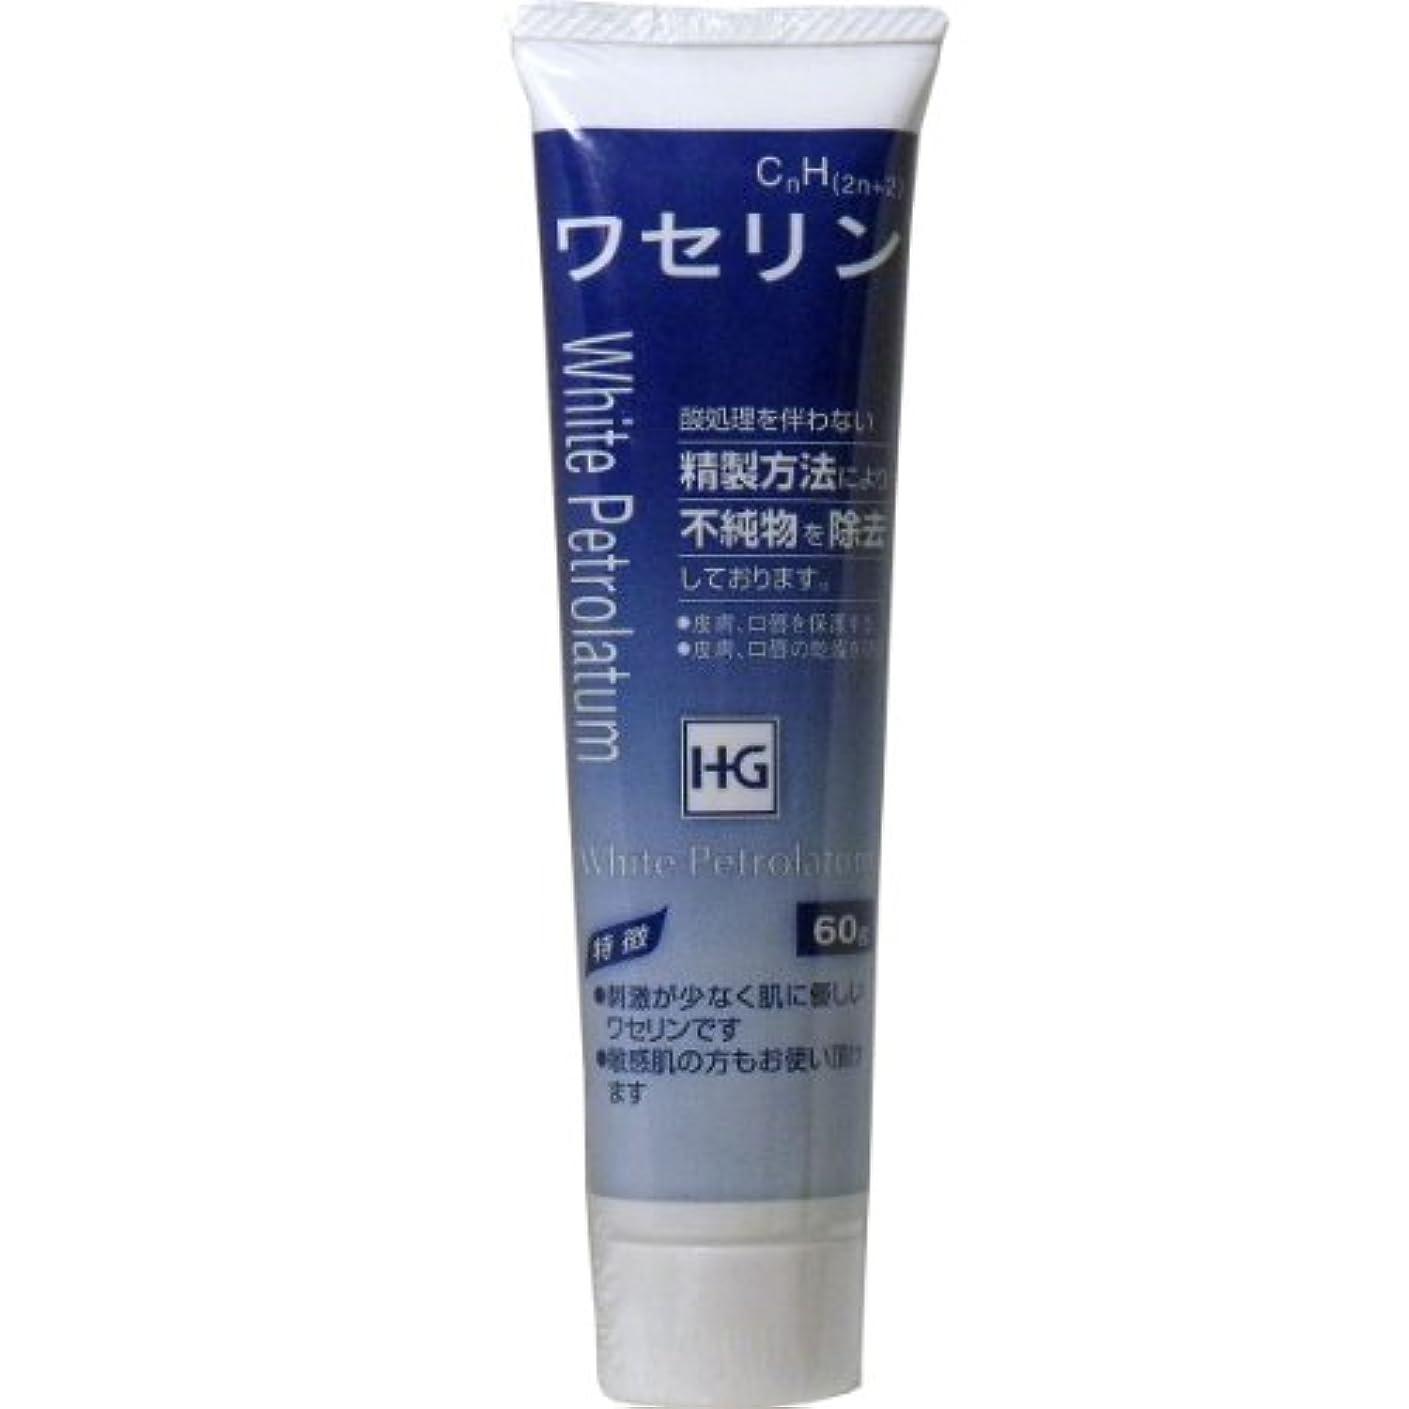 熱心なリボンスティーブンソン皮膚保護 ワセリンHG チューブ 60g入 ×5個セット